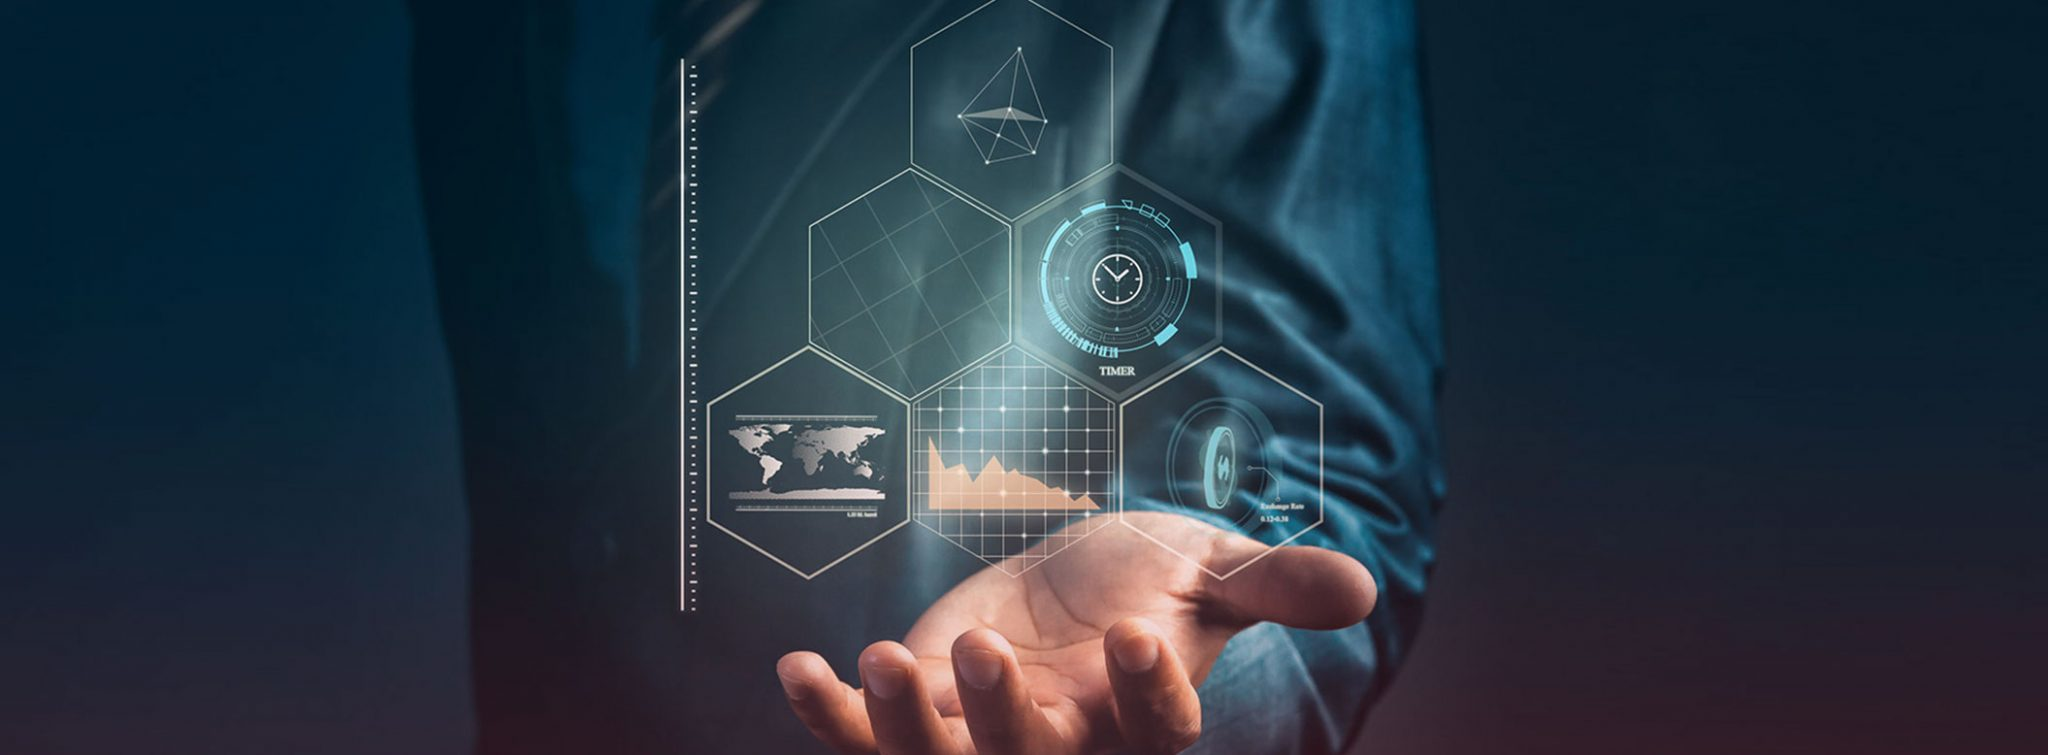 Papel das ferramentas analíticas na melhoria de processos